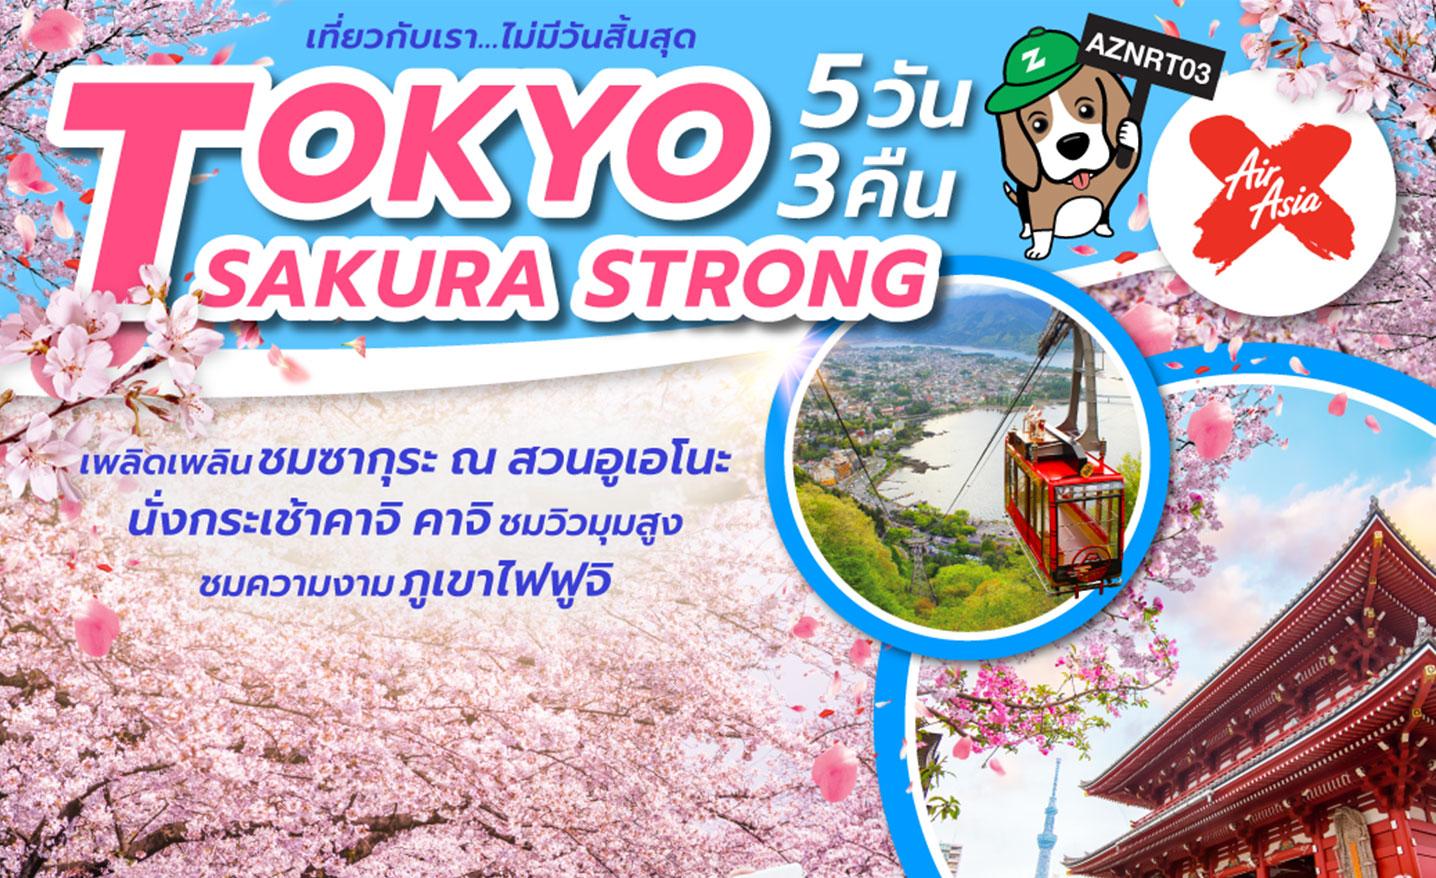 ทัวร์ญี่ปุ่น Tokyo Sakura Strong (มี.ค.-เม.ย.62)